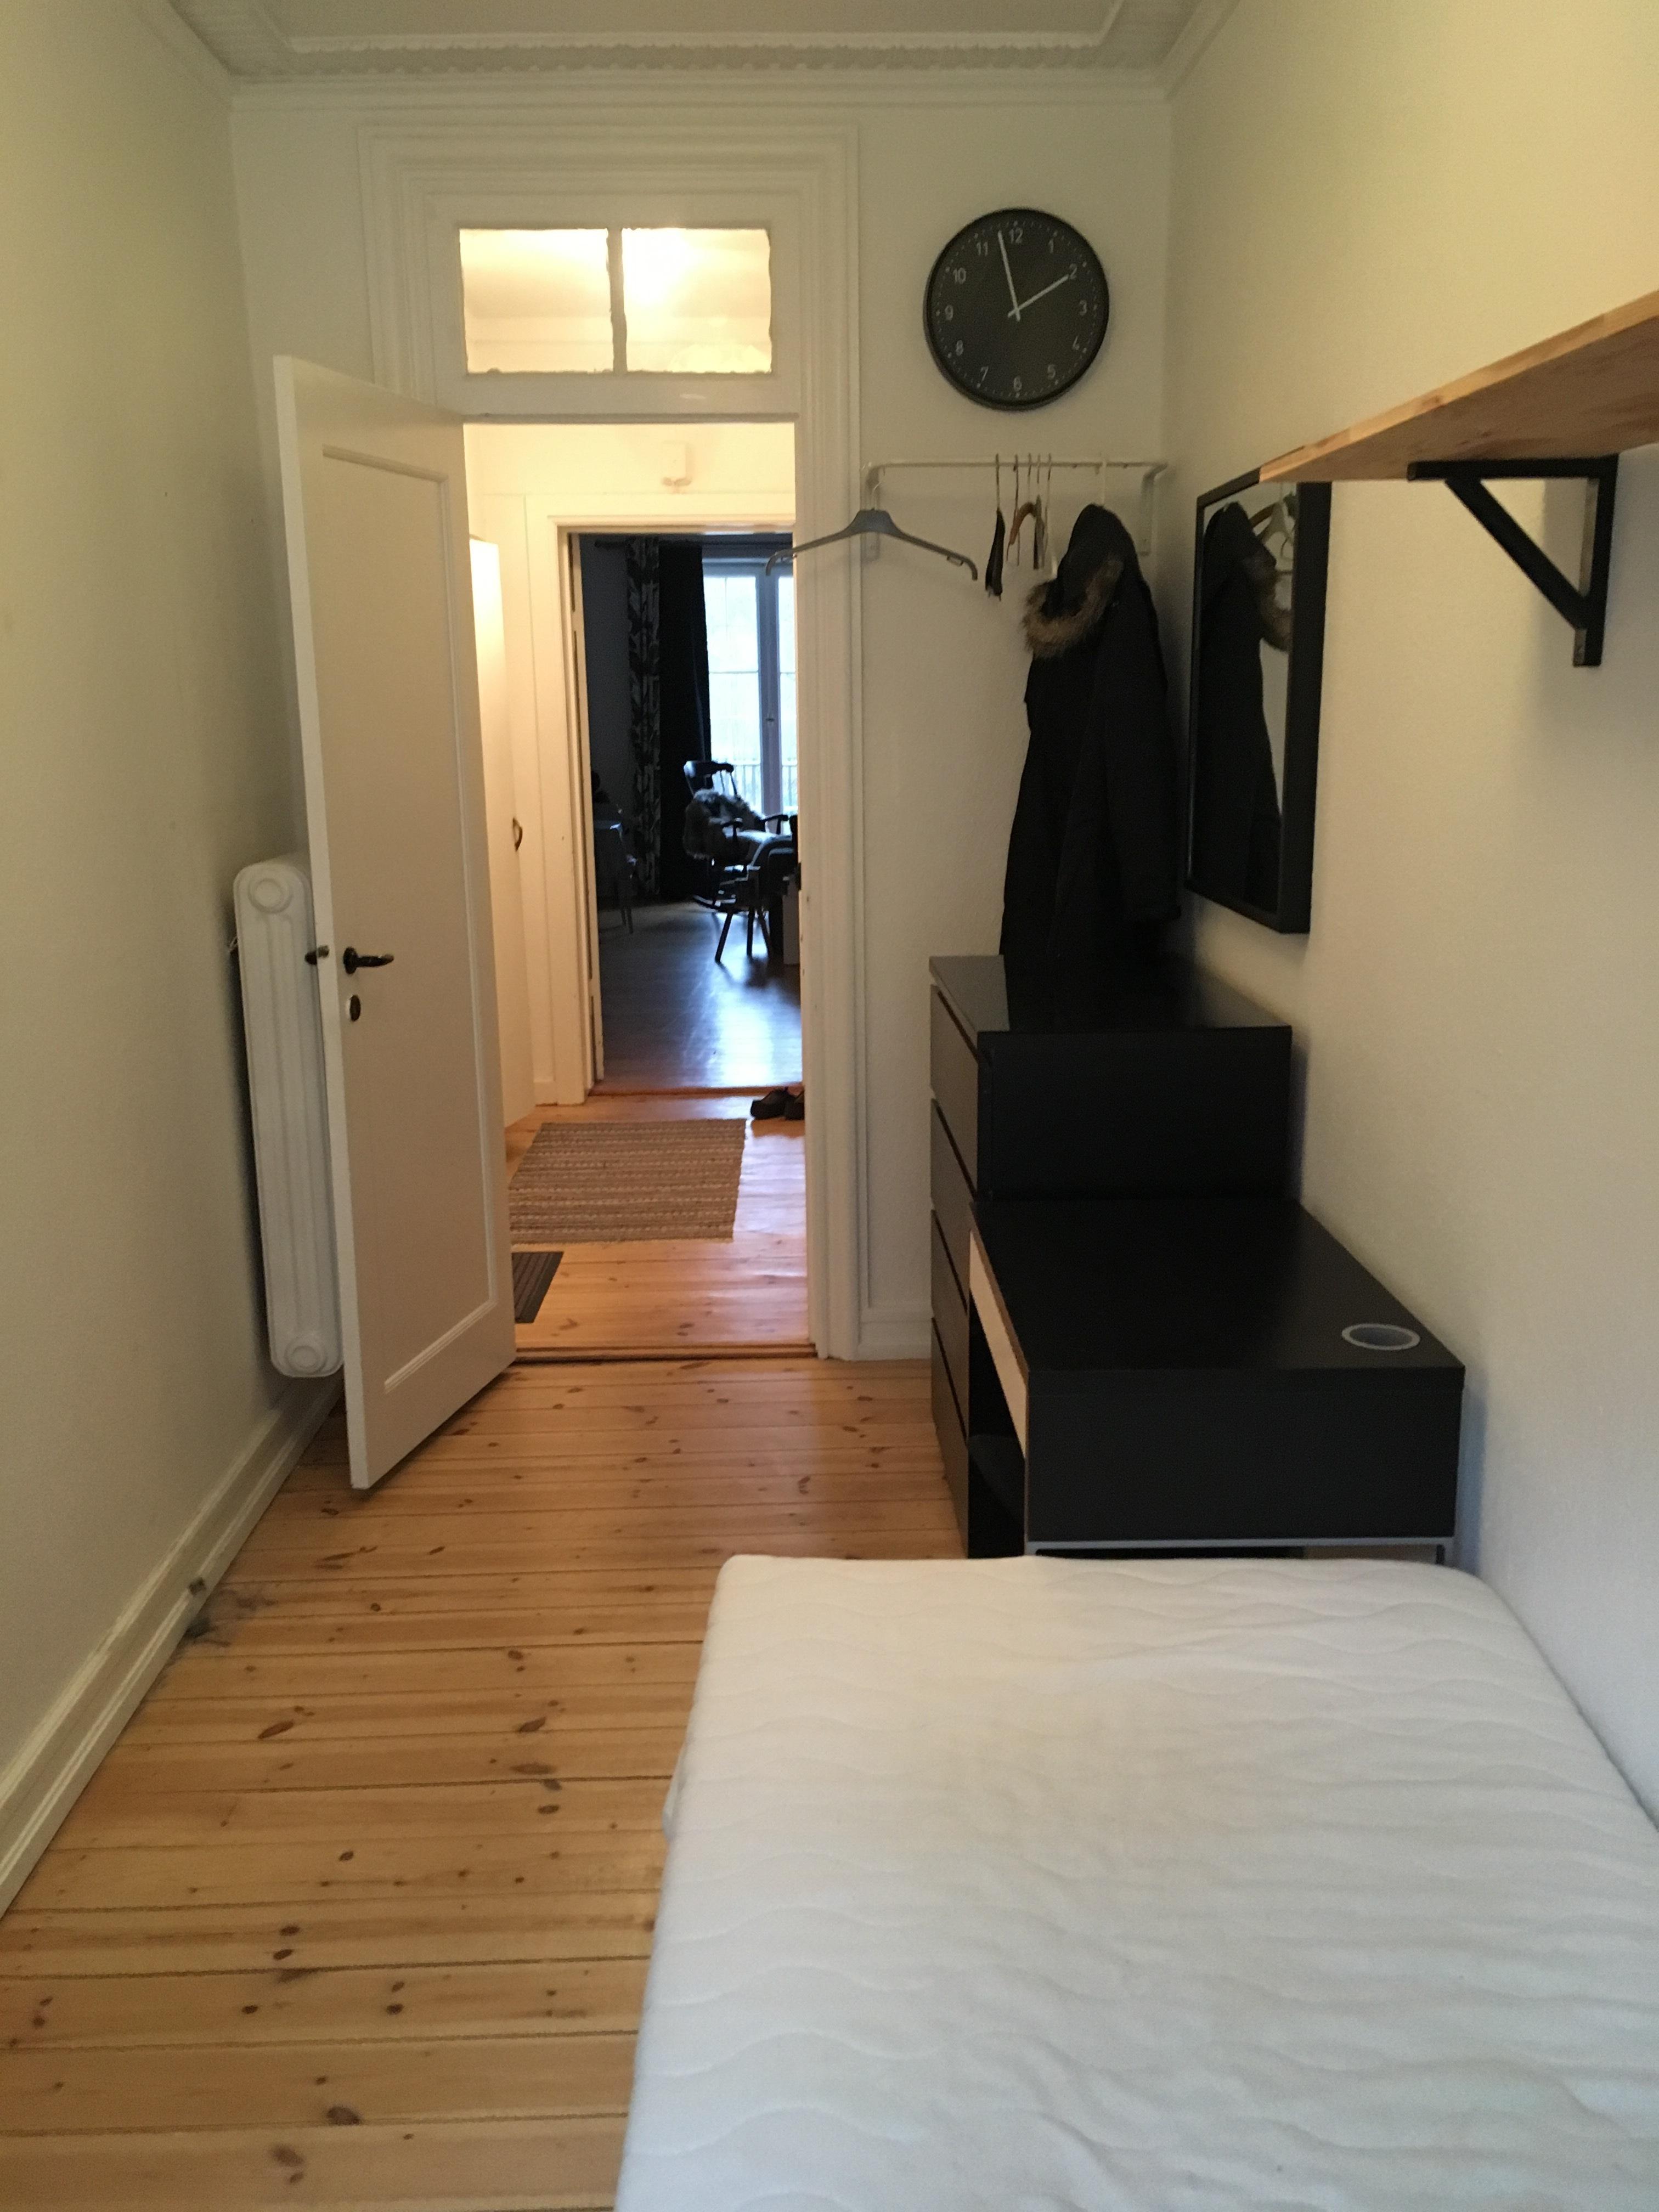 ny lejer søges til 8m2 værelse med egen lille altan. i centrum af københavn